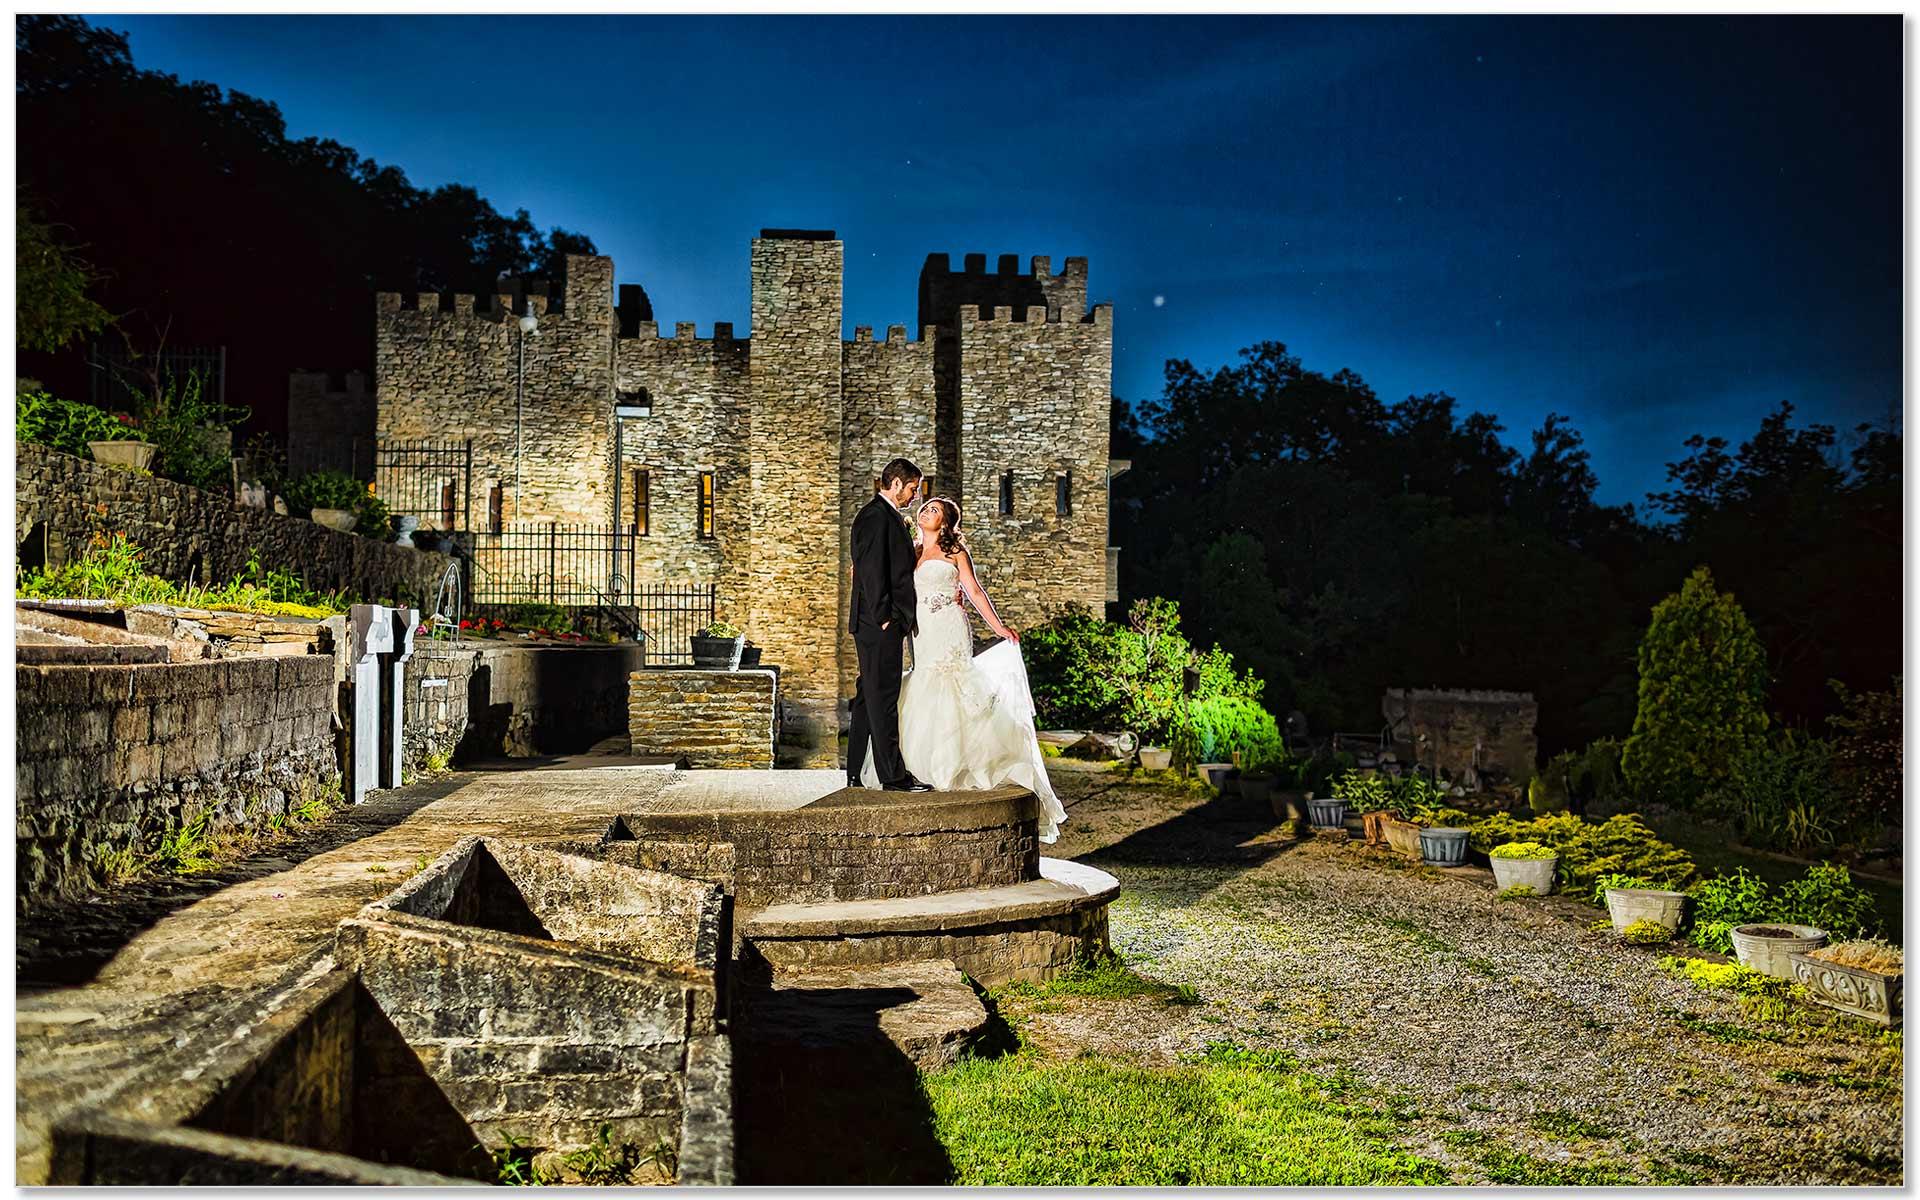 Night Loveland Castle Cincinnati Wedding Couple